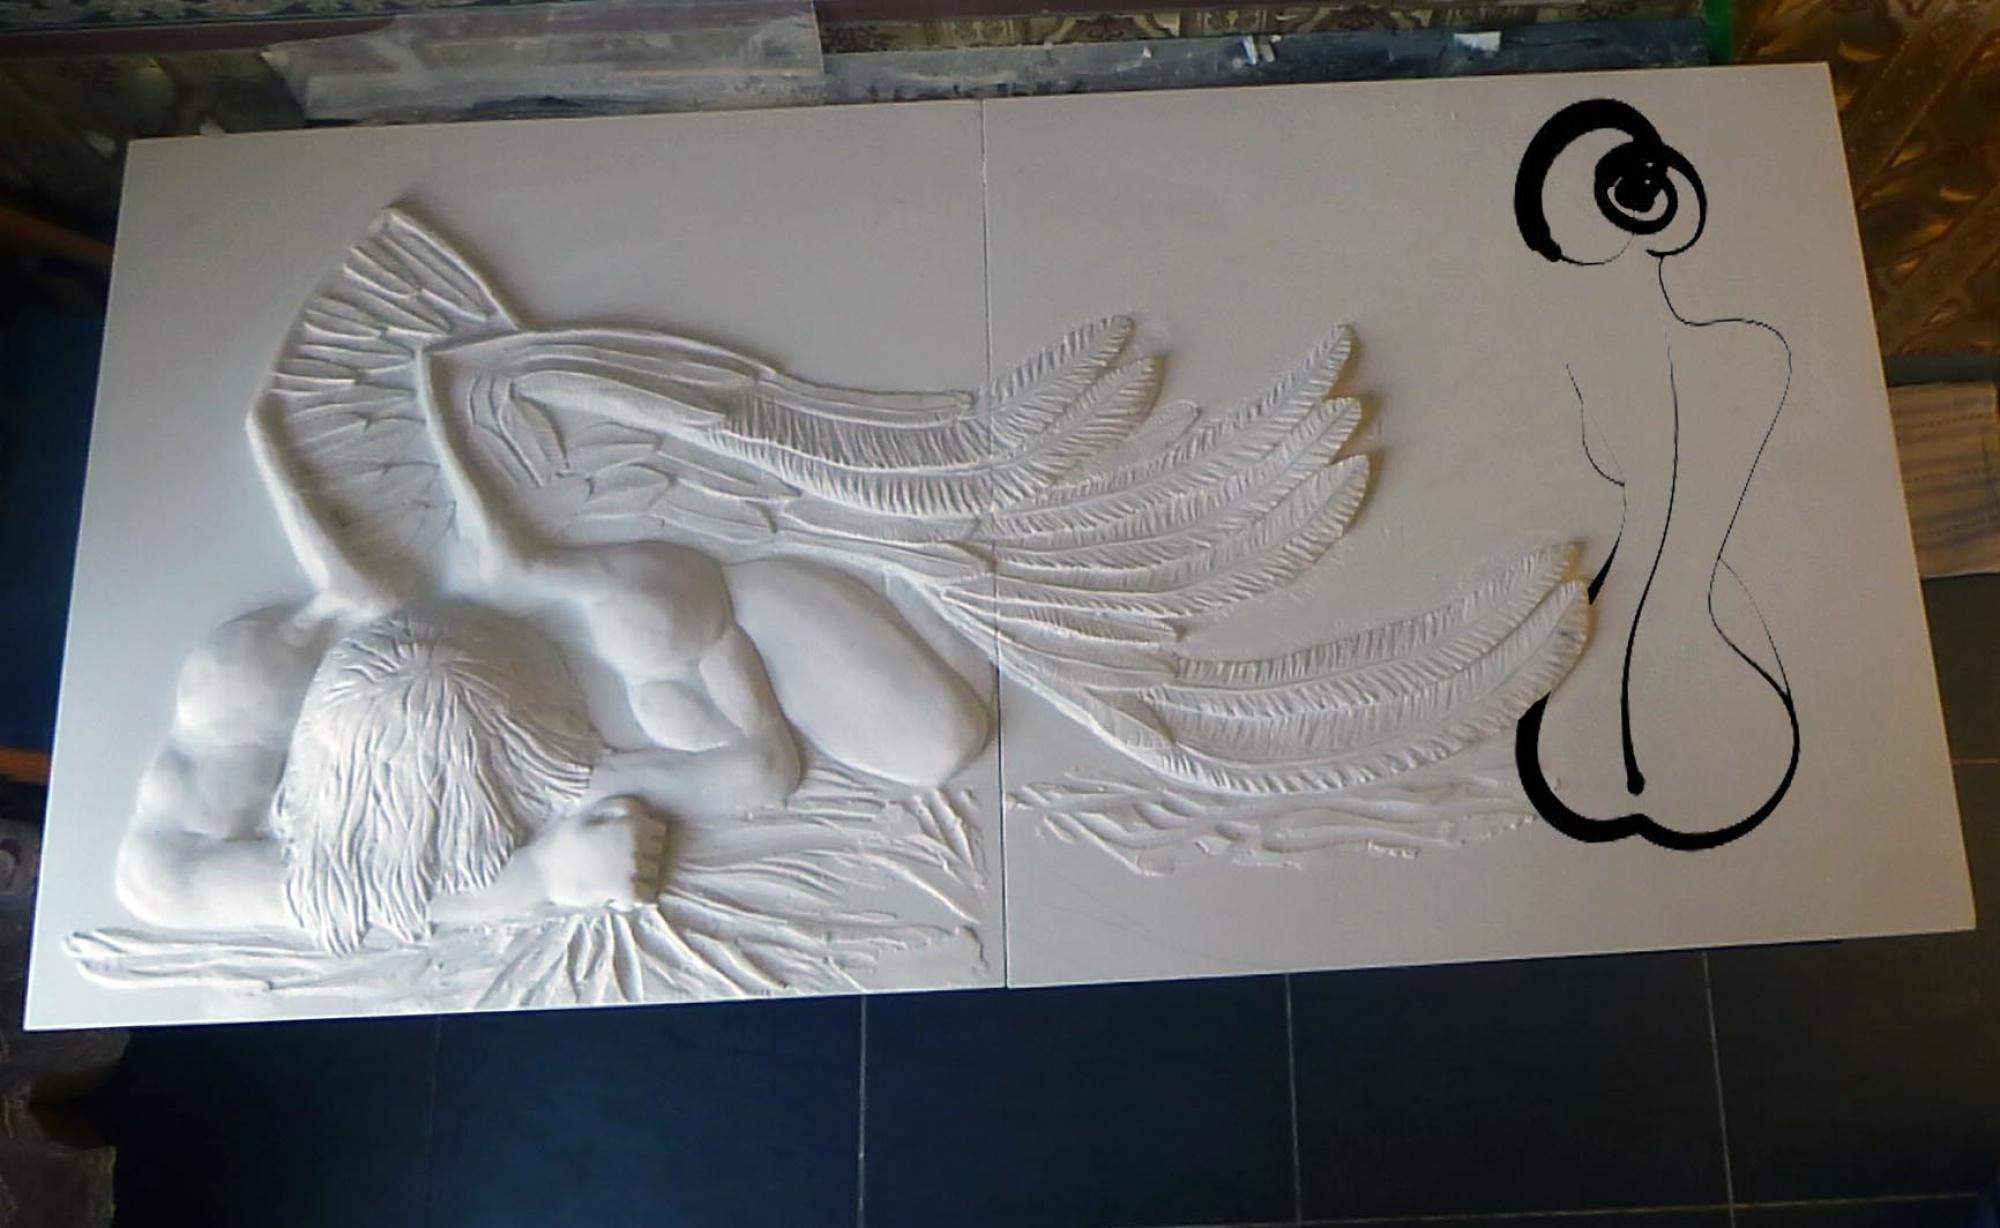 магазине икеа панно ангелы фото телеведущие оказались